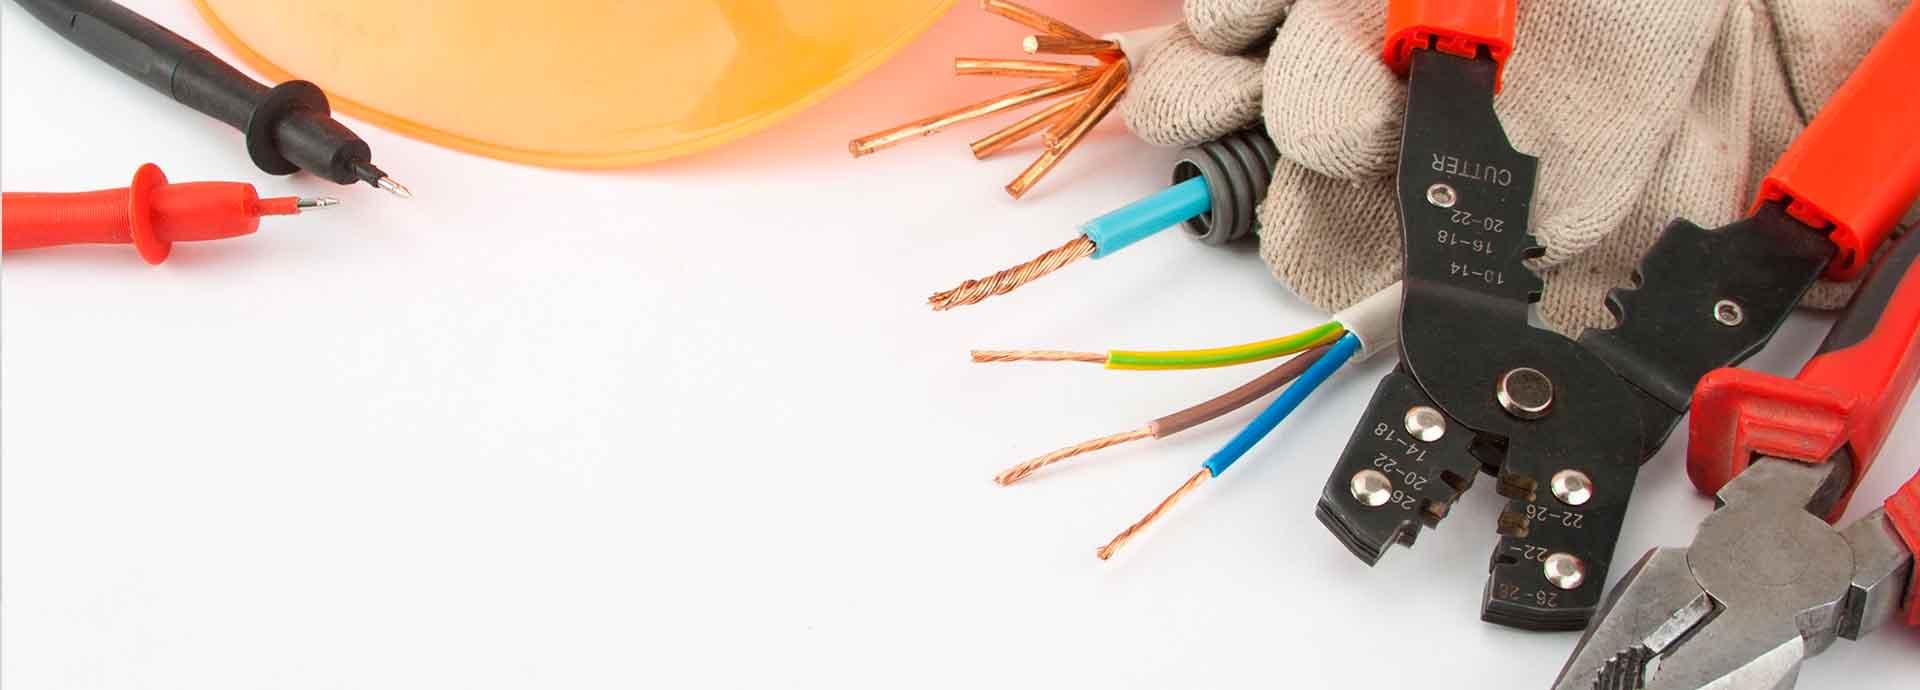 cambiar_instalacion_electrica_ofertas